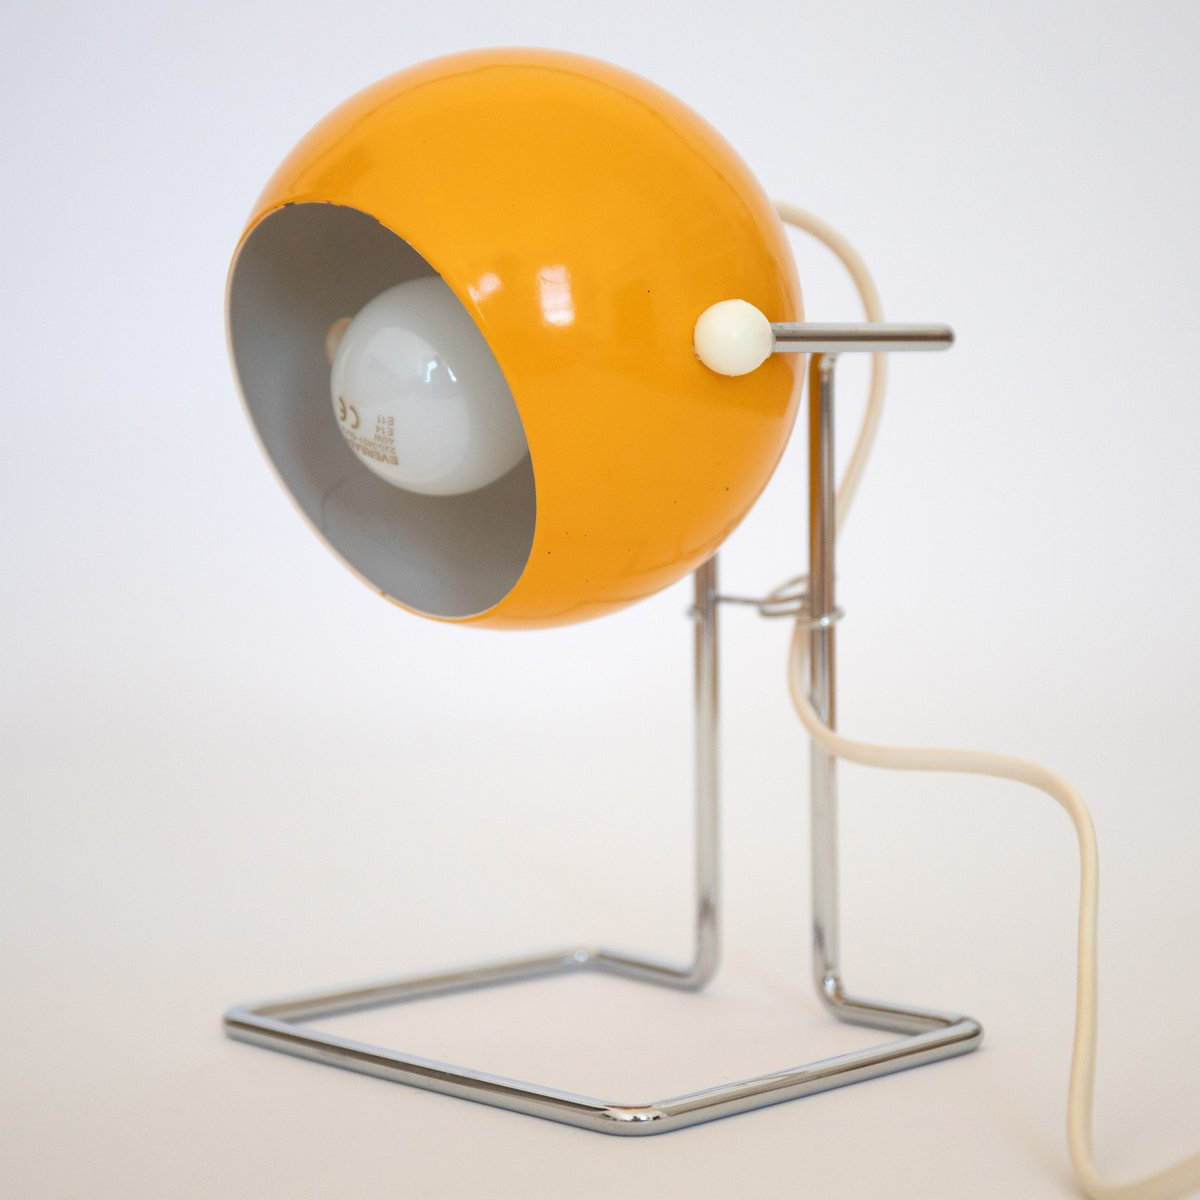 Dänische Pop Art Bubble Lampe in Gelb von P Bosque für Abo Randers, 19...